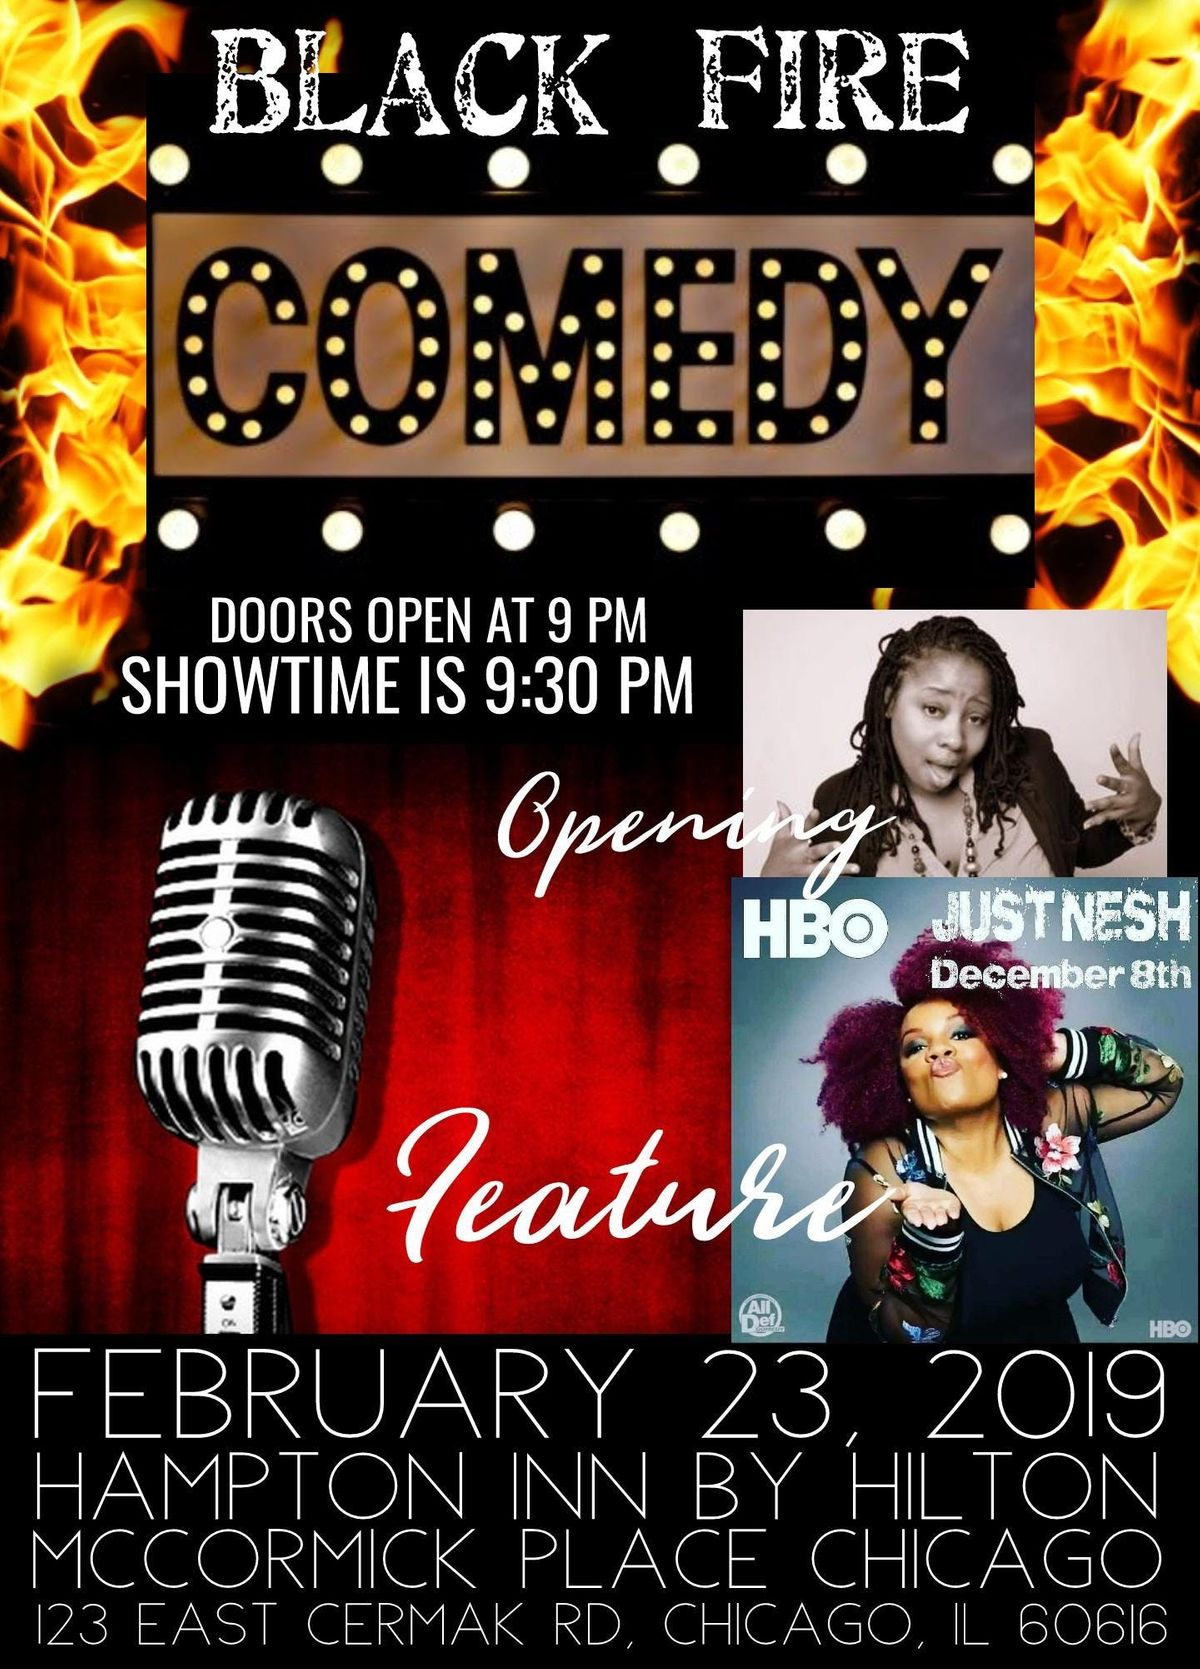 BLACK Fire Comedy Show